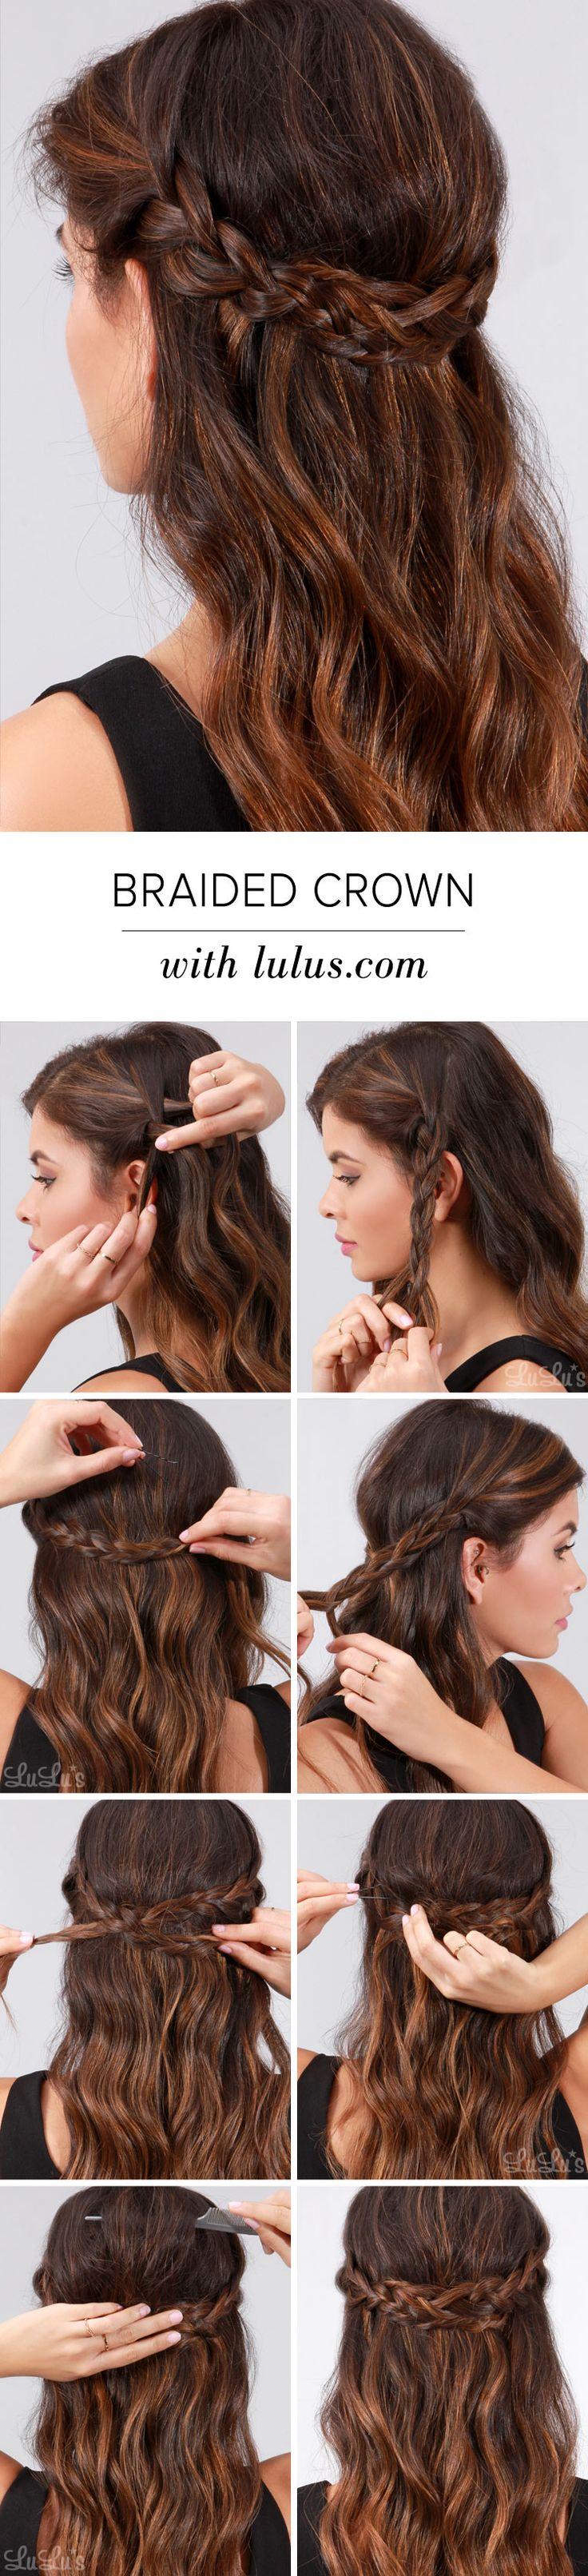 Beautiful Braided Crown #hairstyle #braid #crown